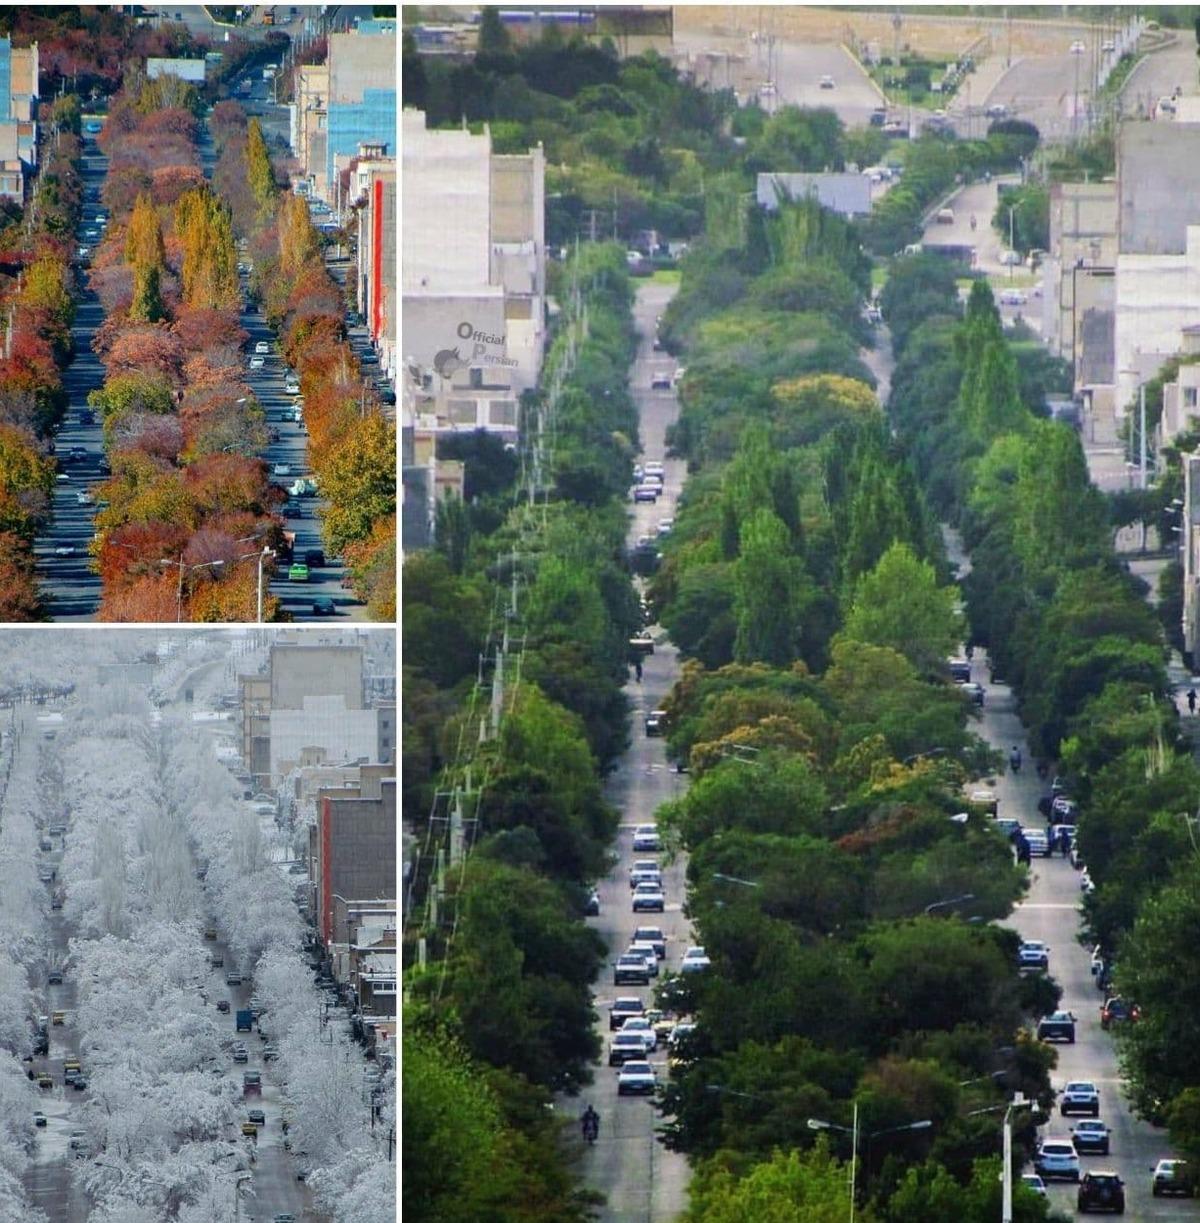 تصویری از بلوار اصلی شهر بیجار در فصل های مختلف سال| خیابانی در شهر بیجار کردستان+ تصویر